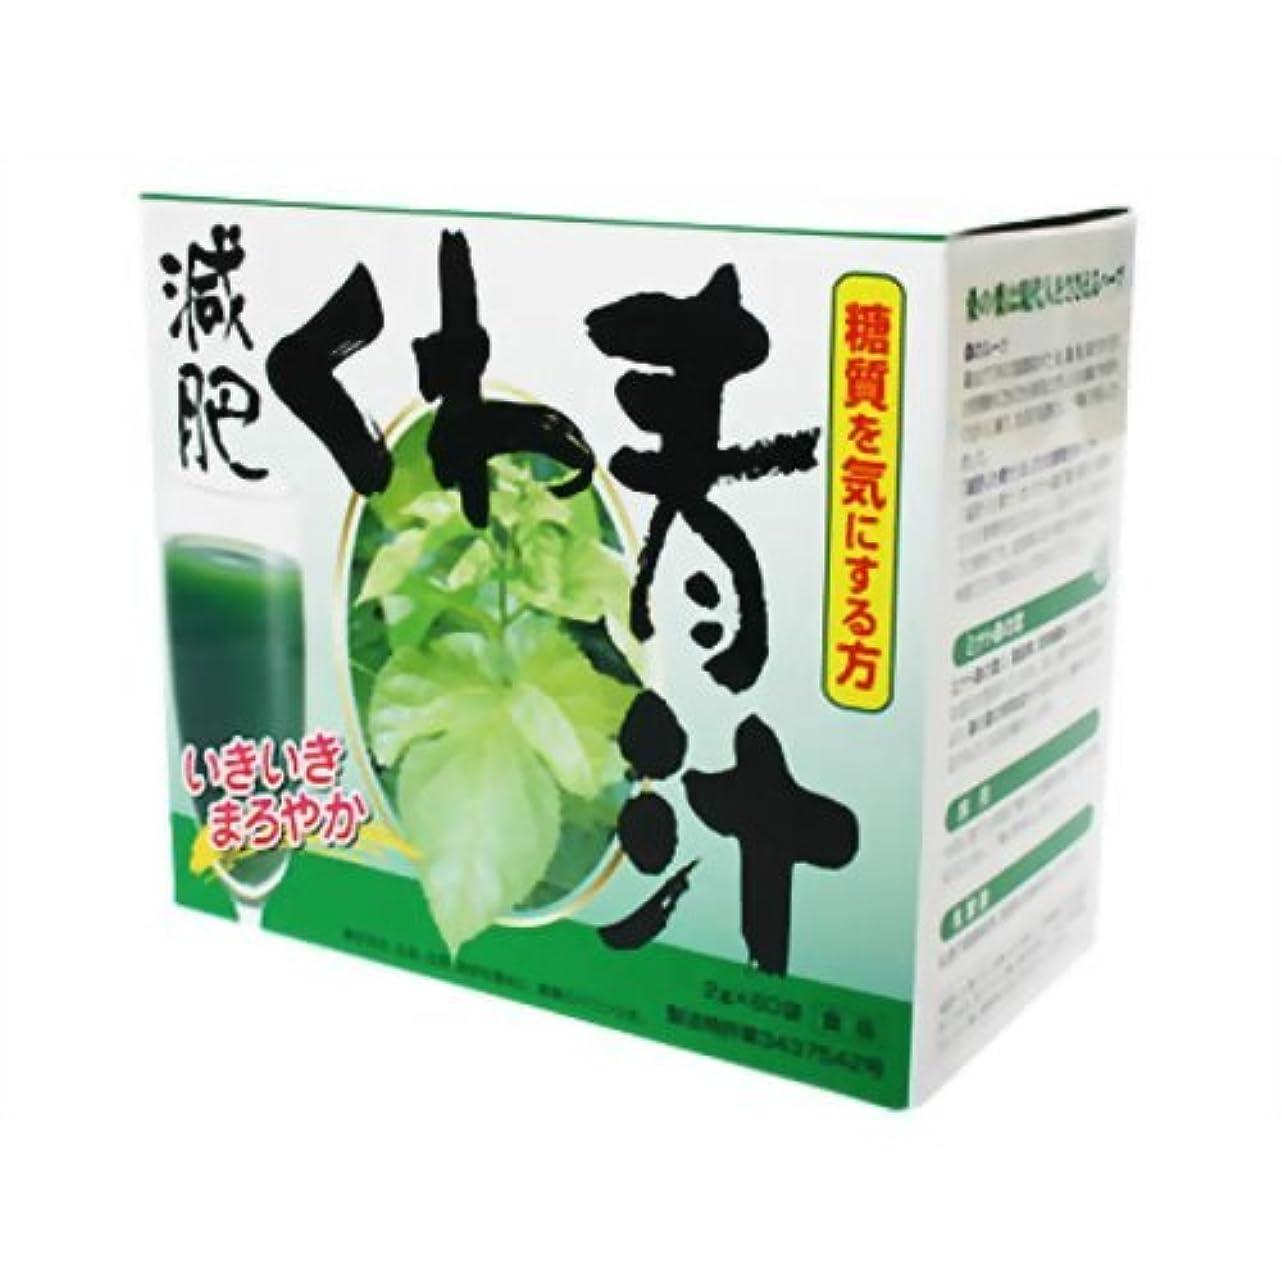 インセンティブコンデンサーアークケールより凄い!「減肥くわ青汁」(2個セット)